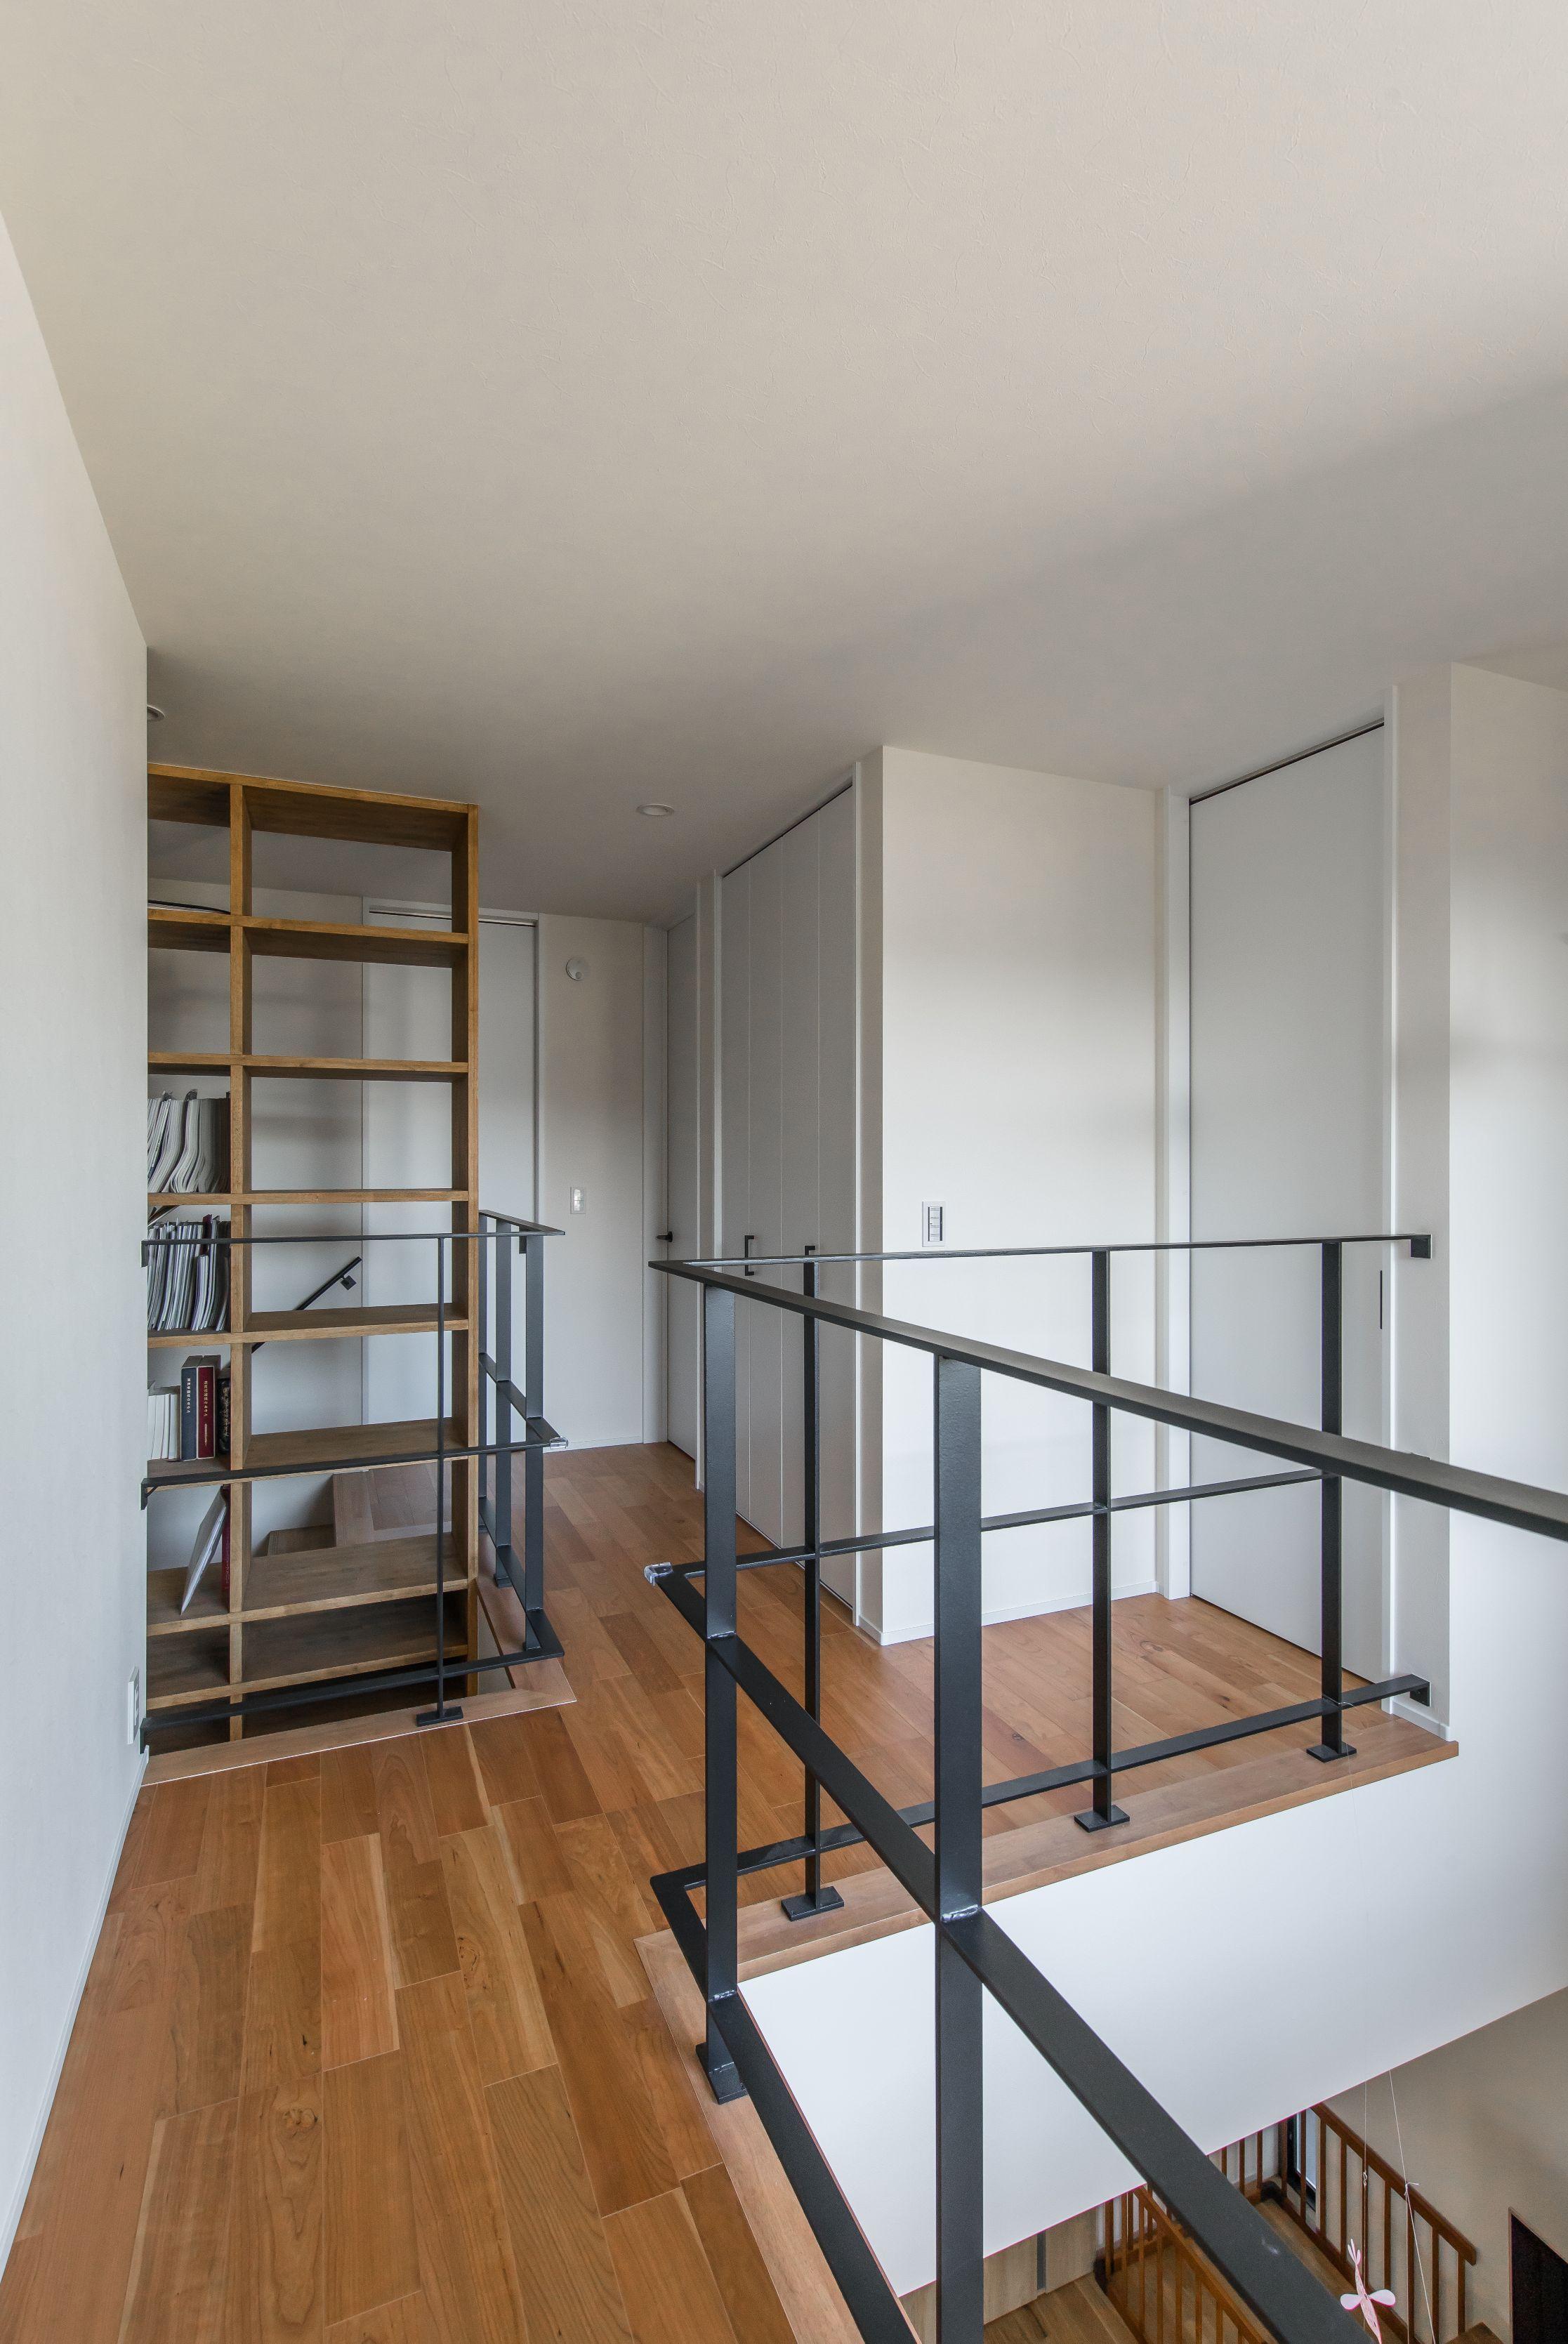 ジグザグに空間をつなぐ遊び心のある廊下 ルポハウス 設計事務所